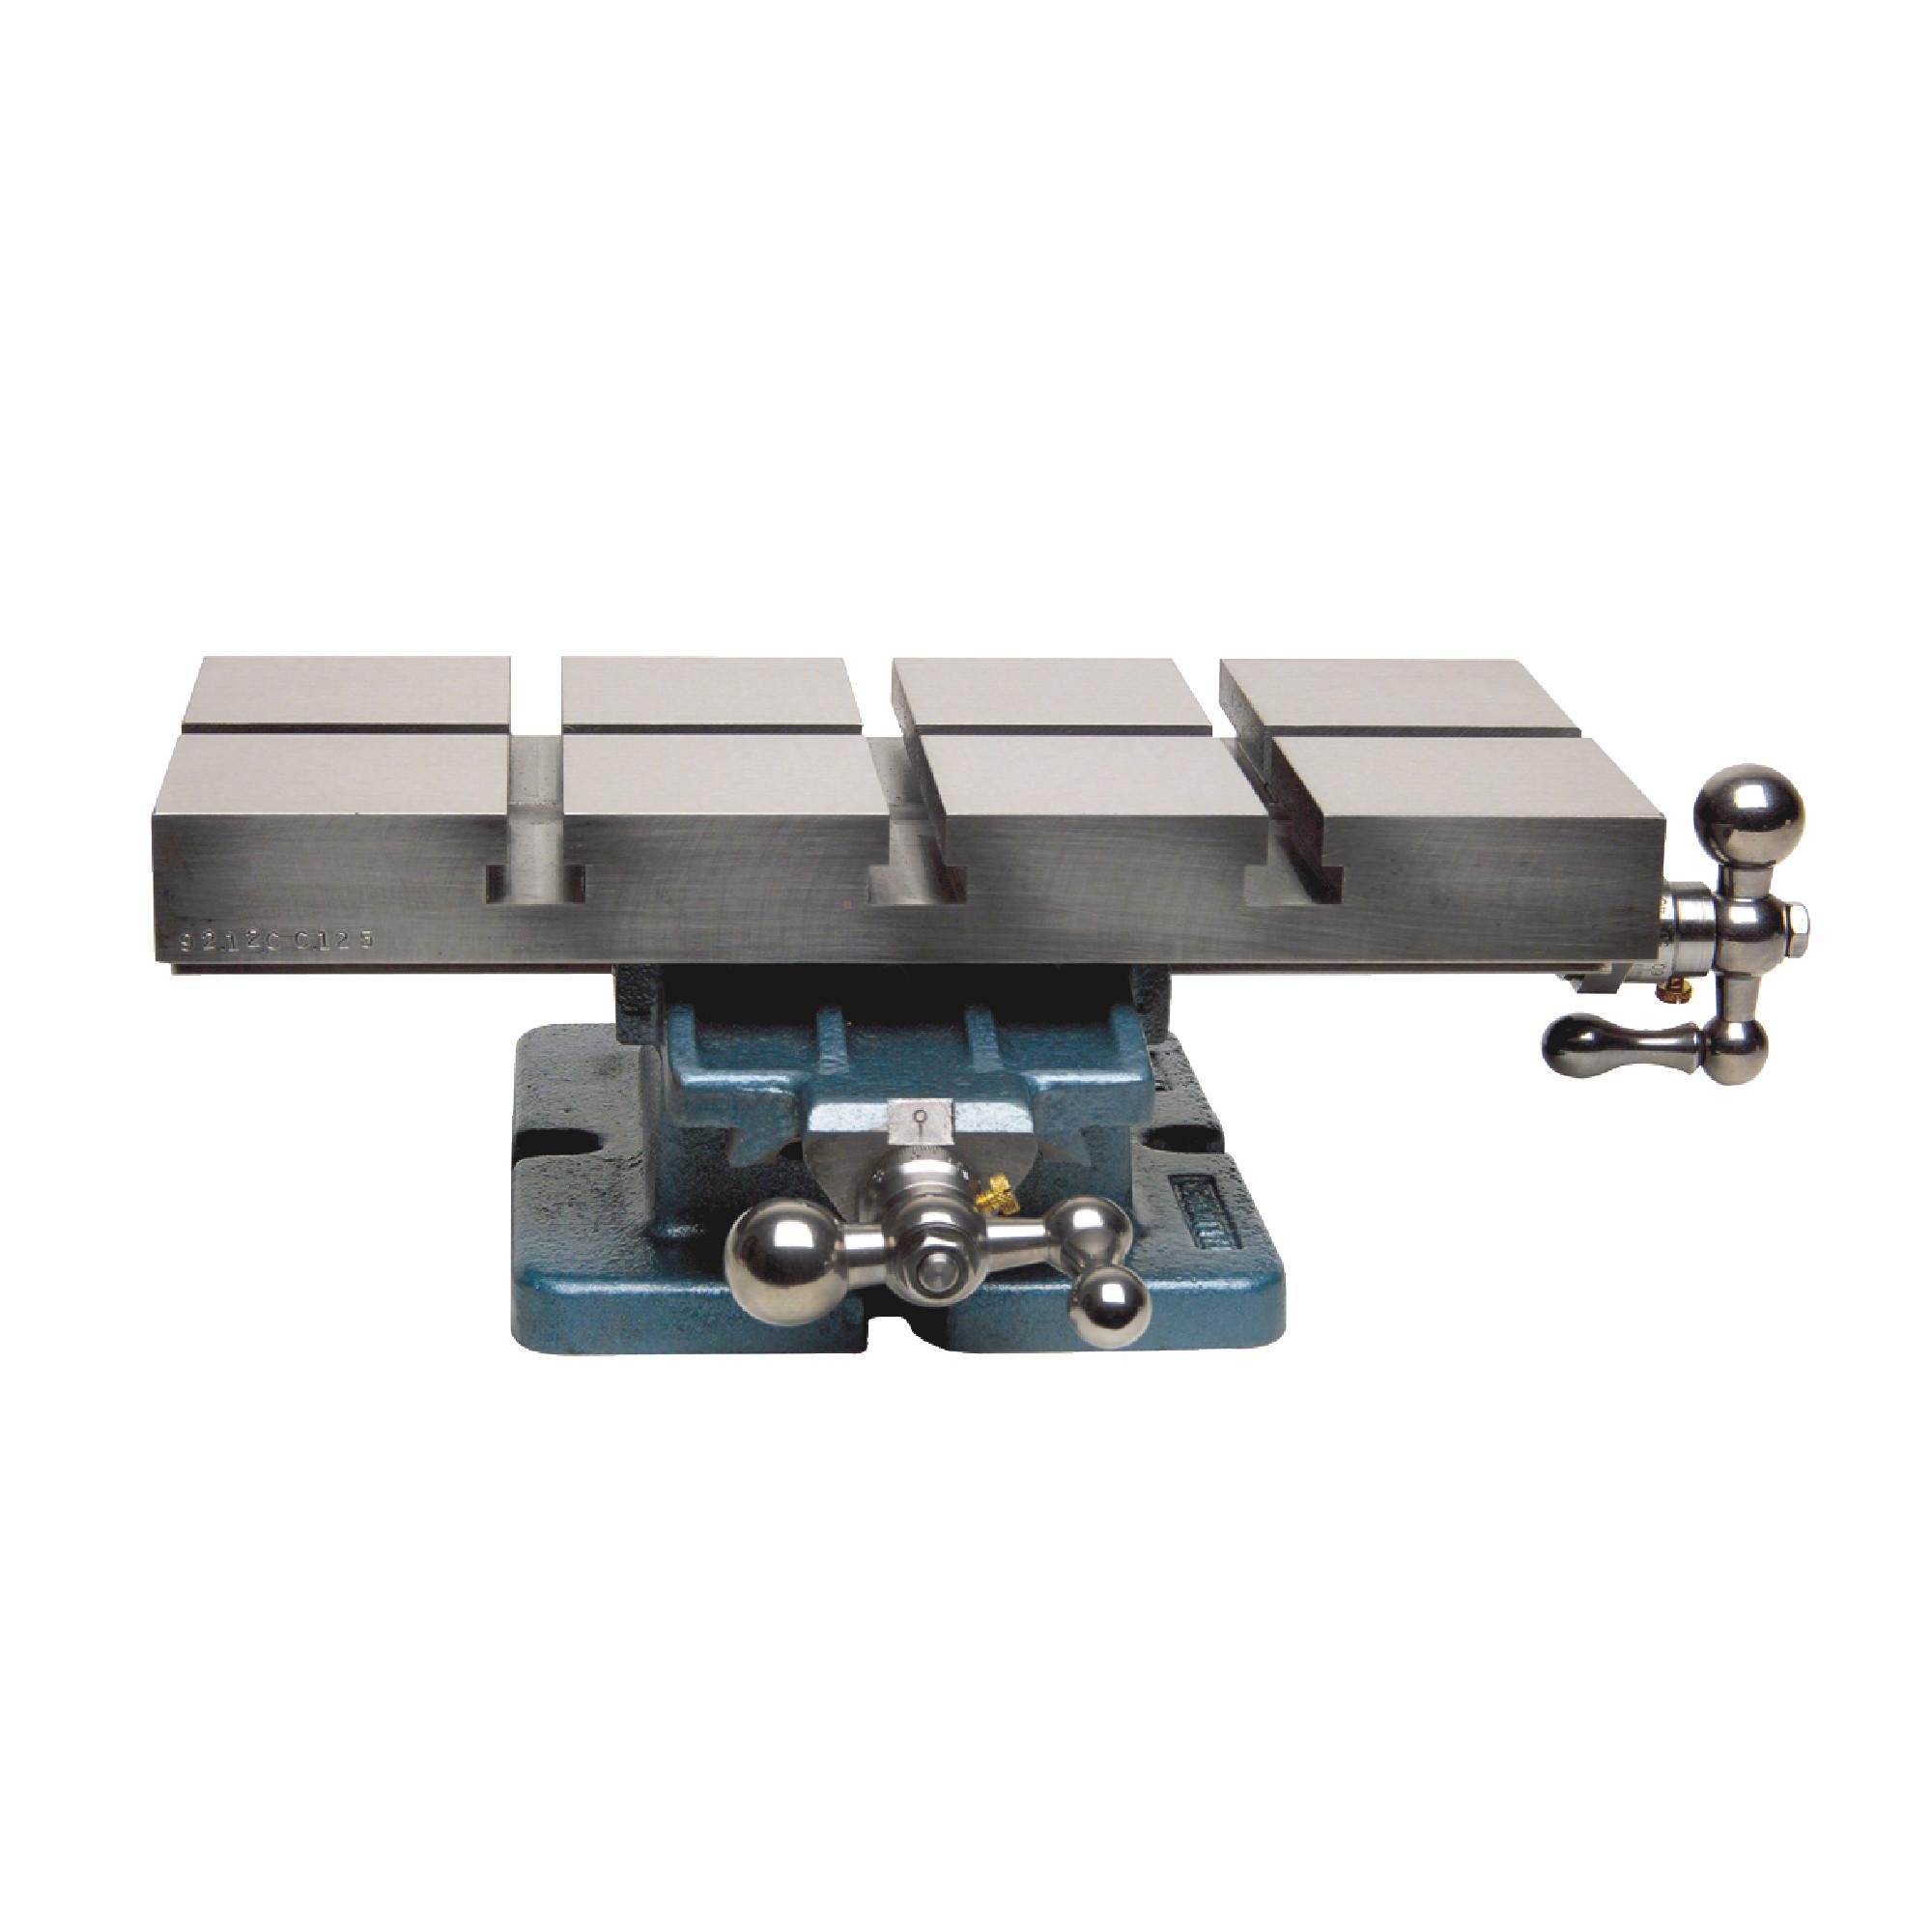 Cross Slide Milling Table